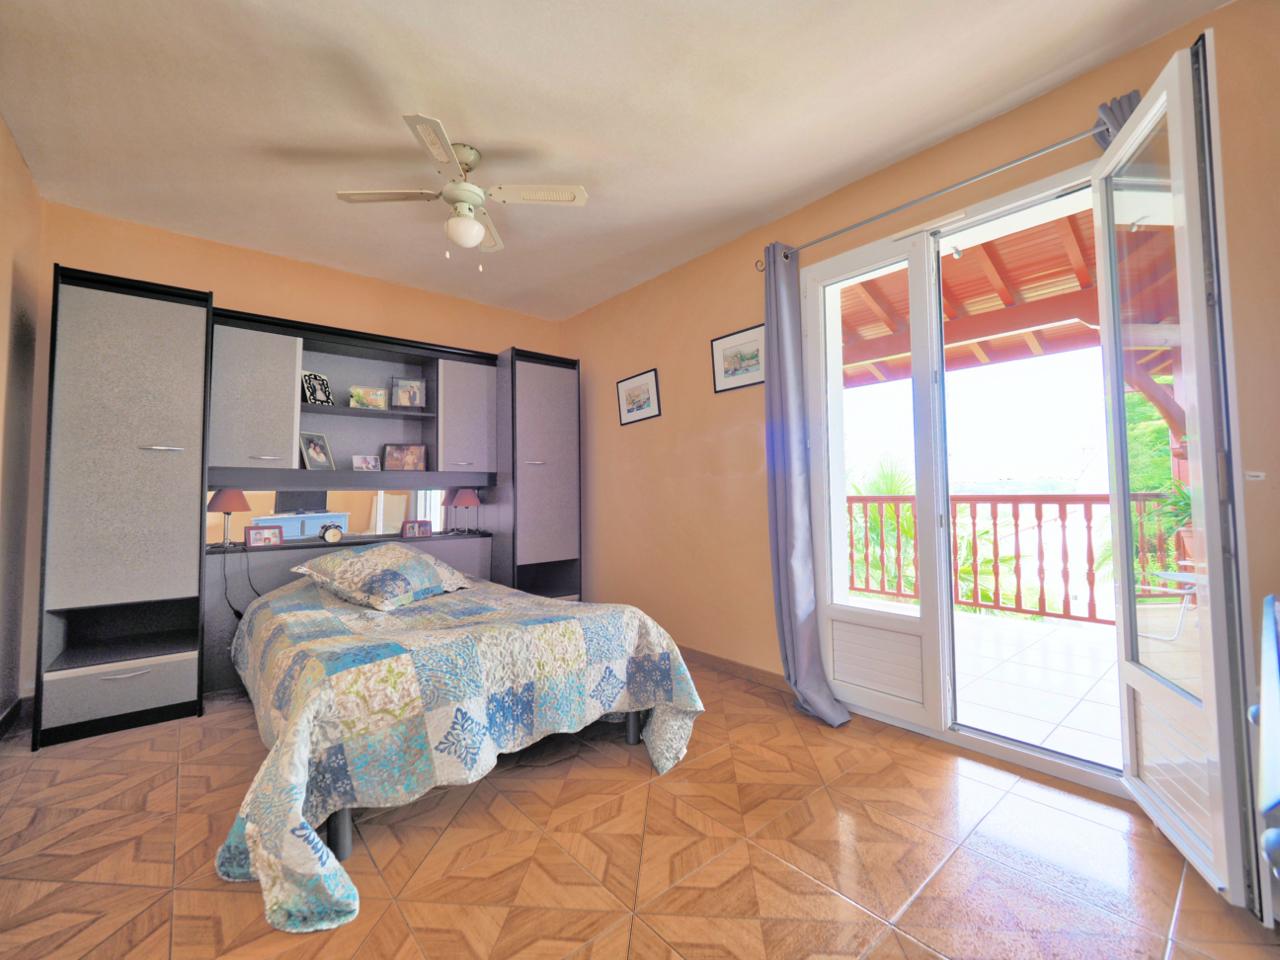 Vente maison 10 pièces  à CIBOURE - 6